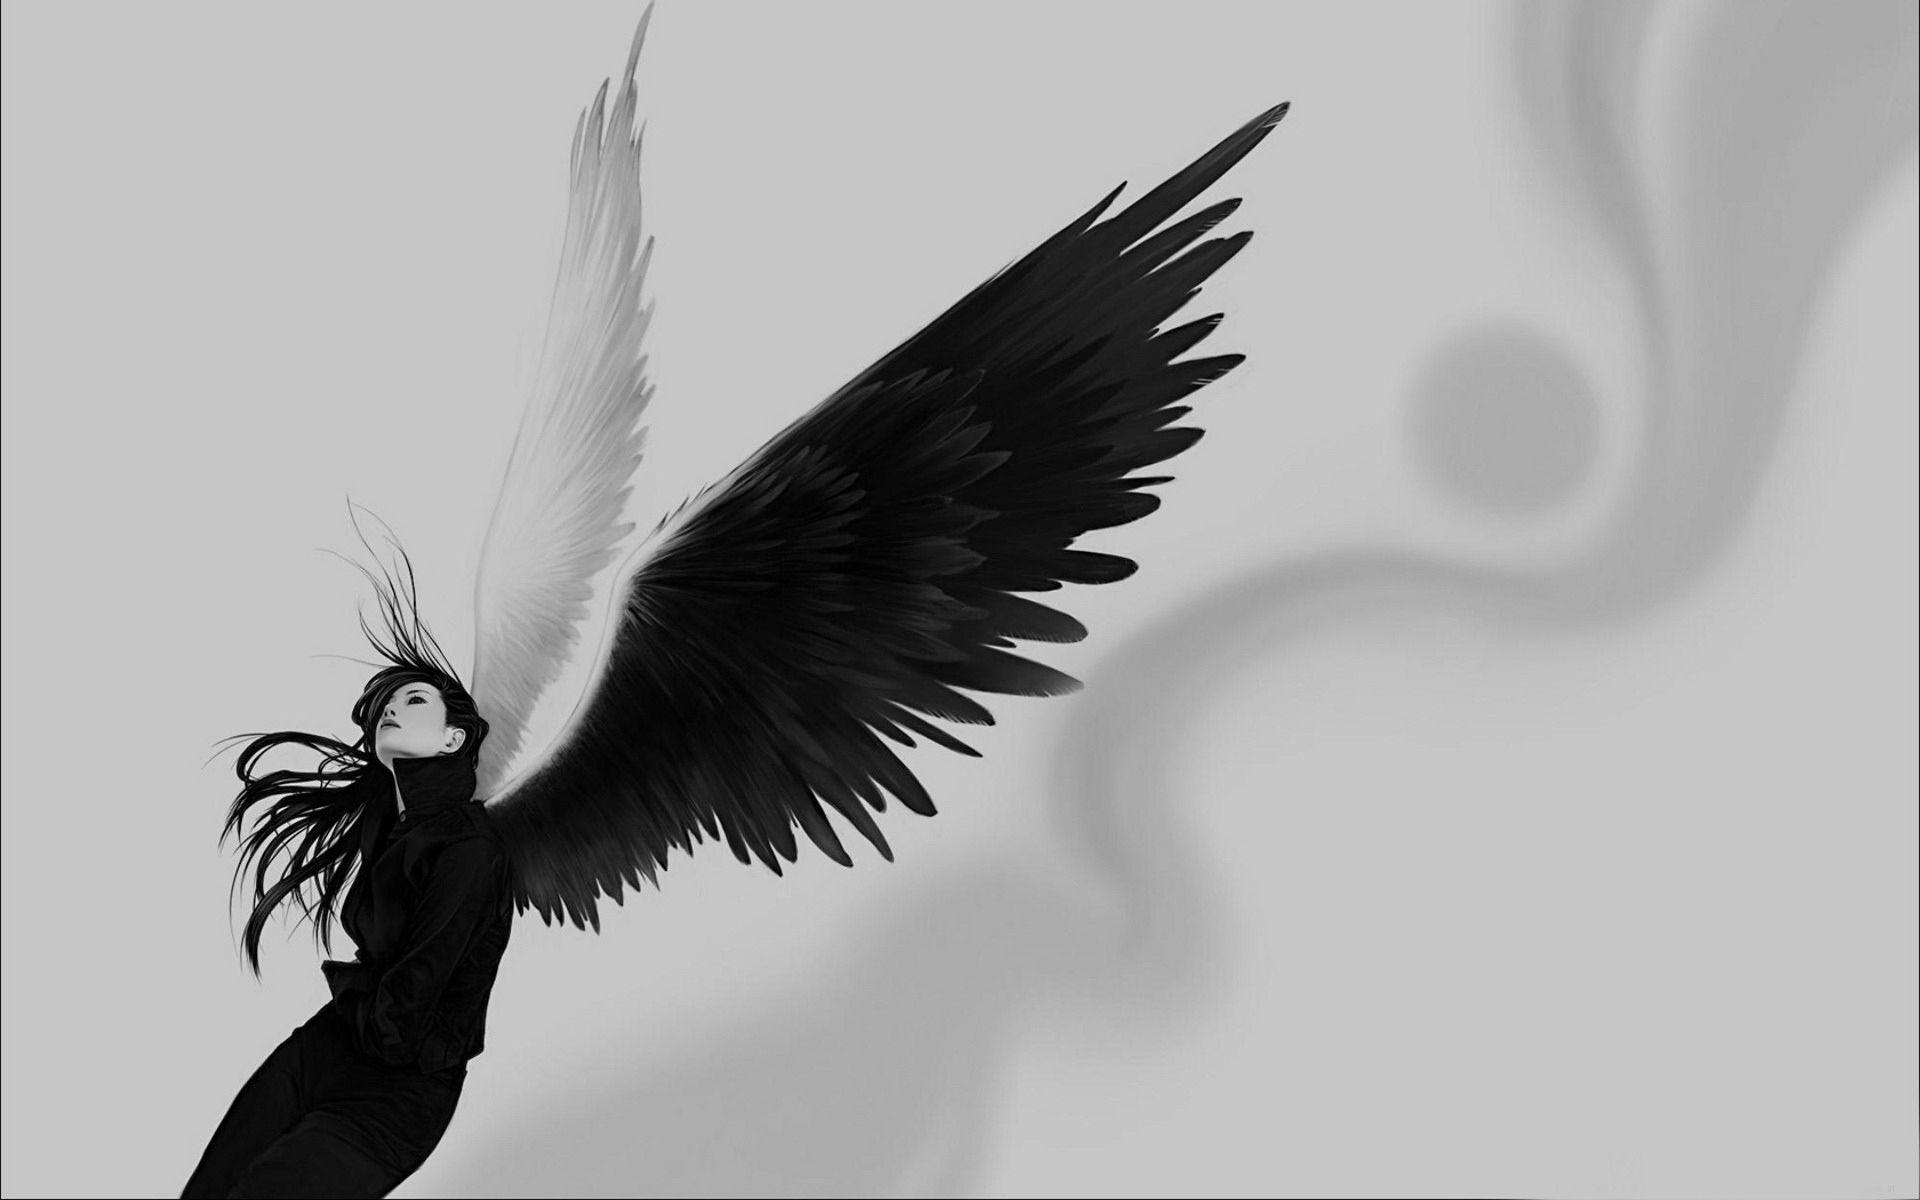 Anime Black Angel Wings Wallpaper Dark Angel Angel Wallpaper